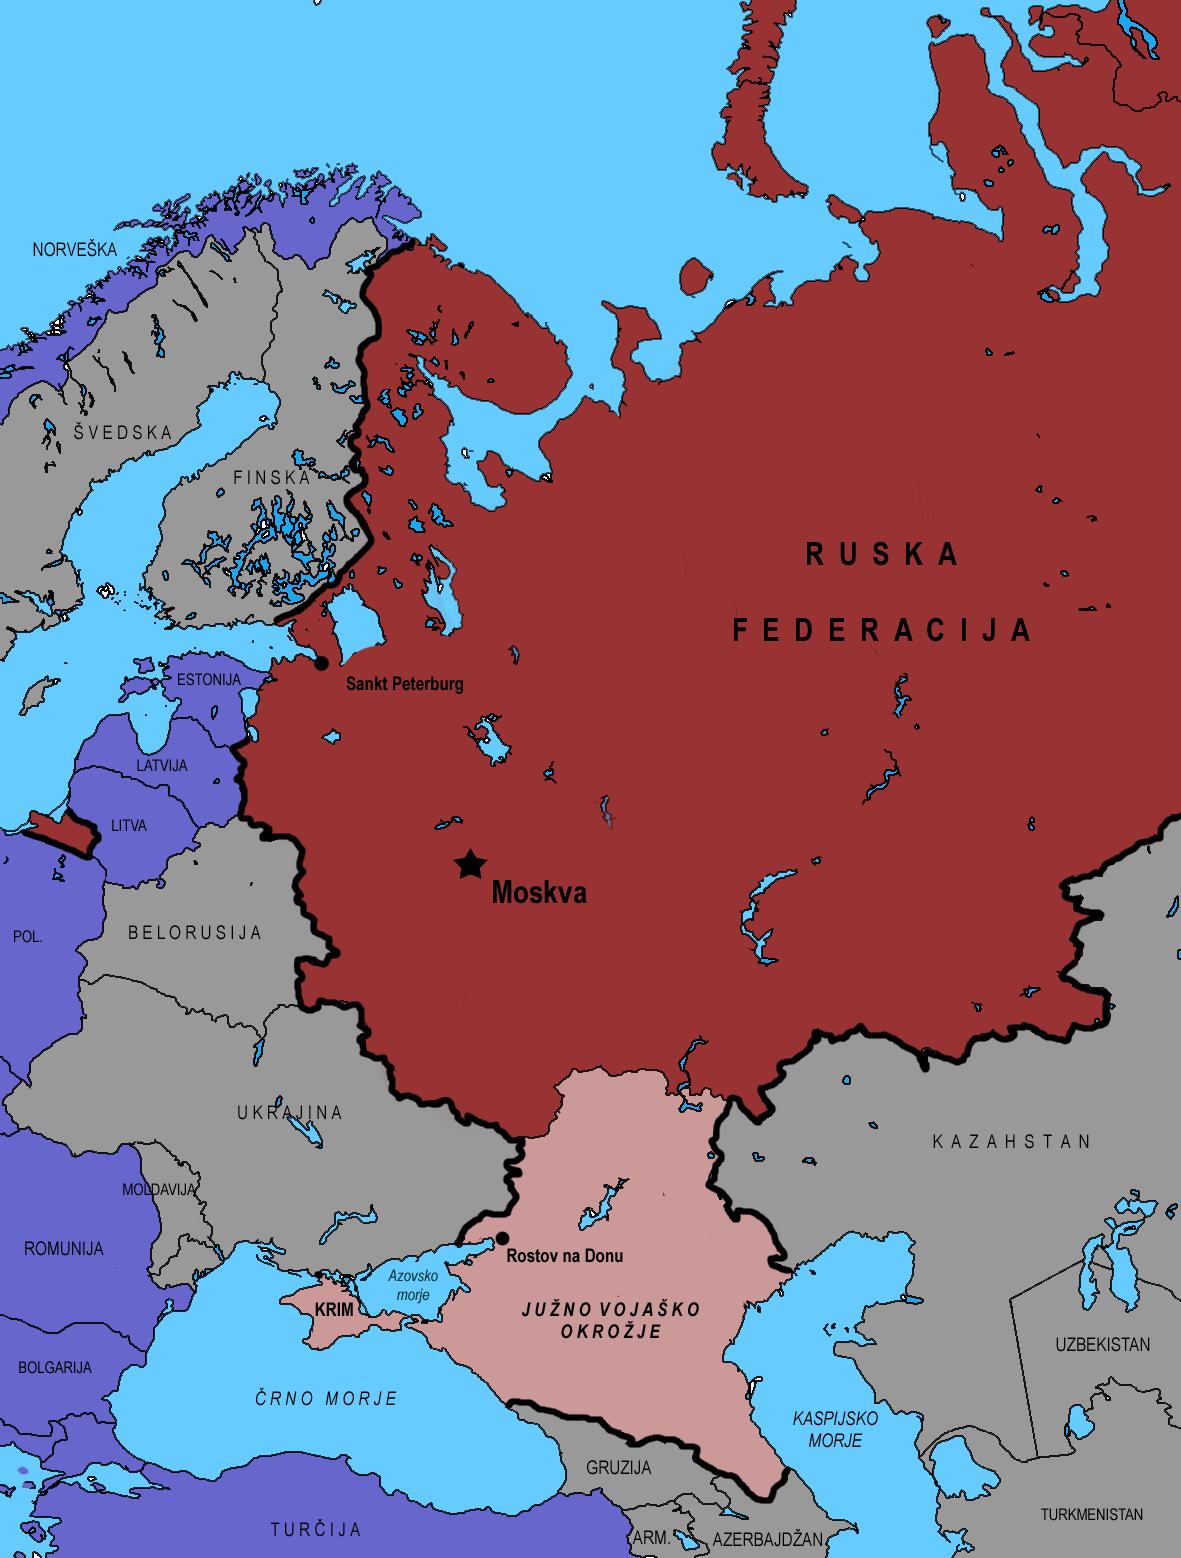 Območje Južnega vojaškega okrožja znotraj Rusije, ki od leta 2014 zajema tudi polotok Krim.